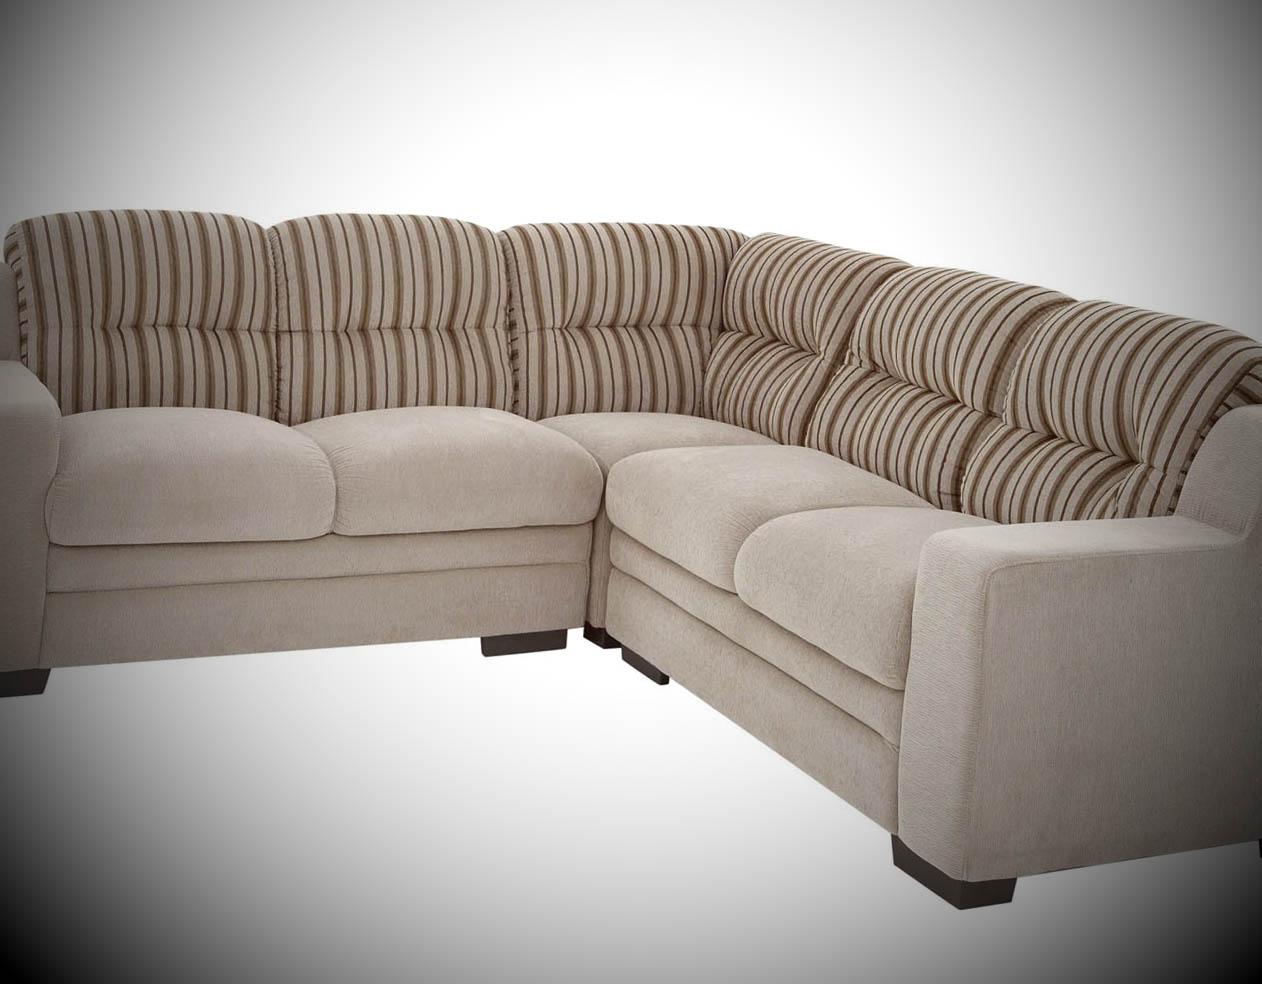 sofa-de-canto-2-lugares